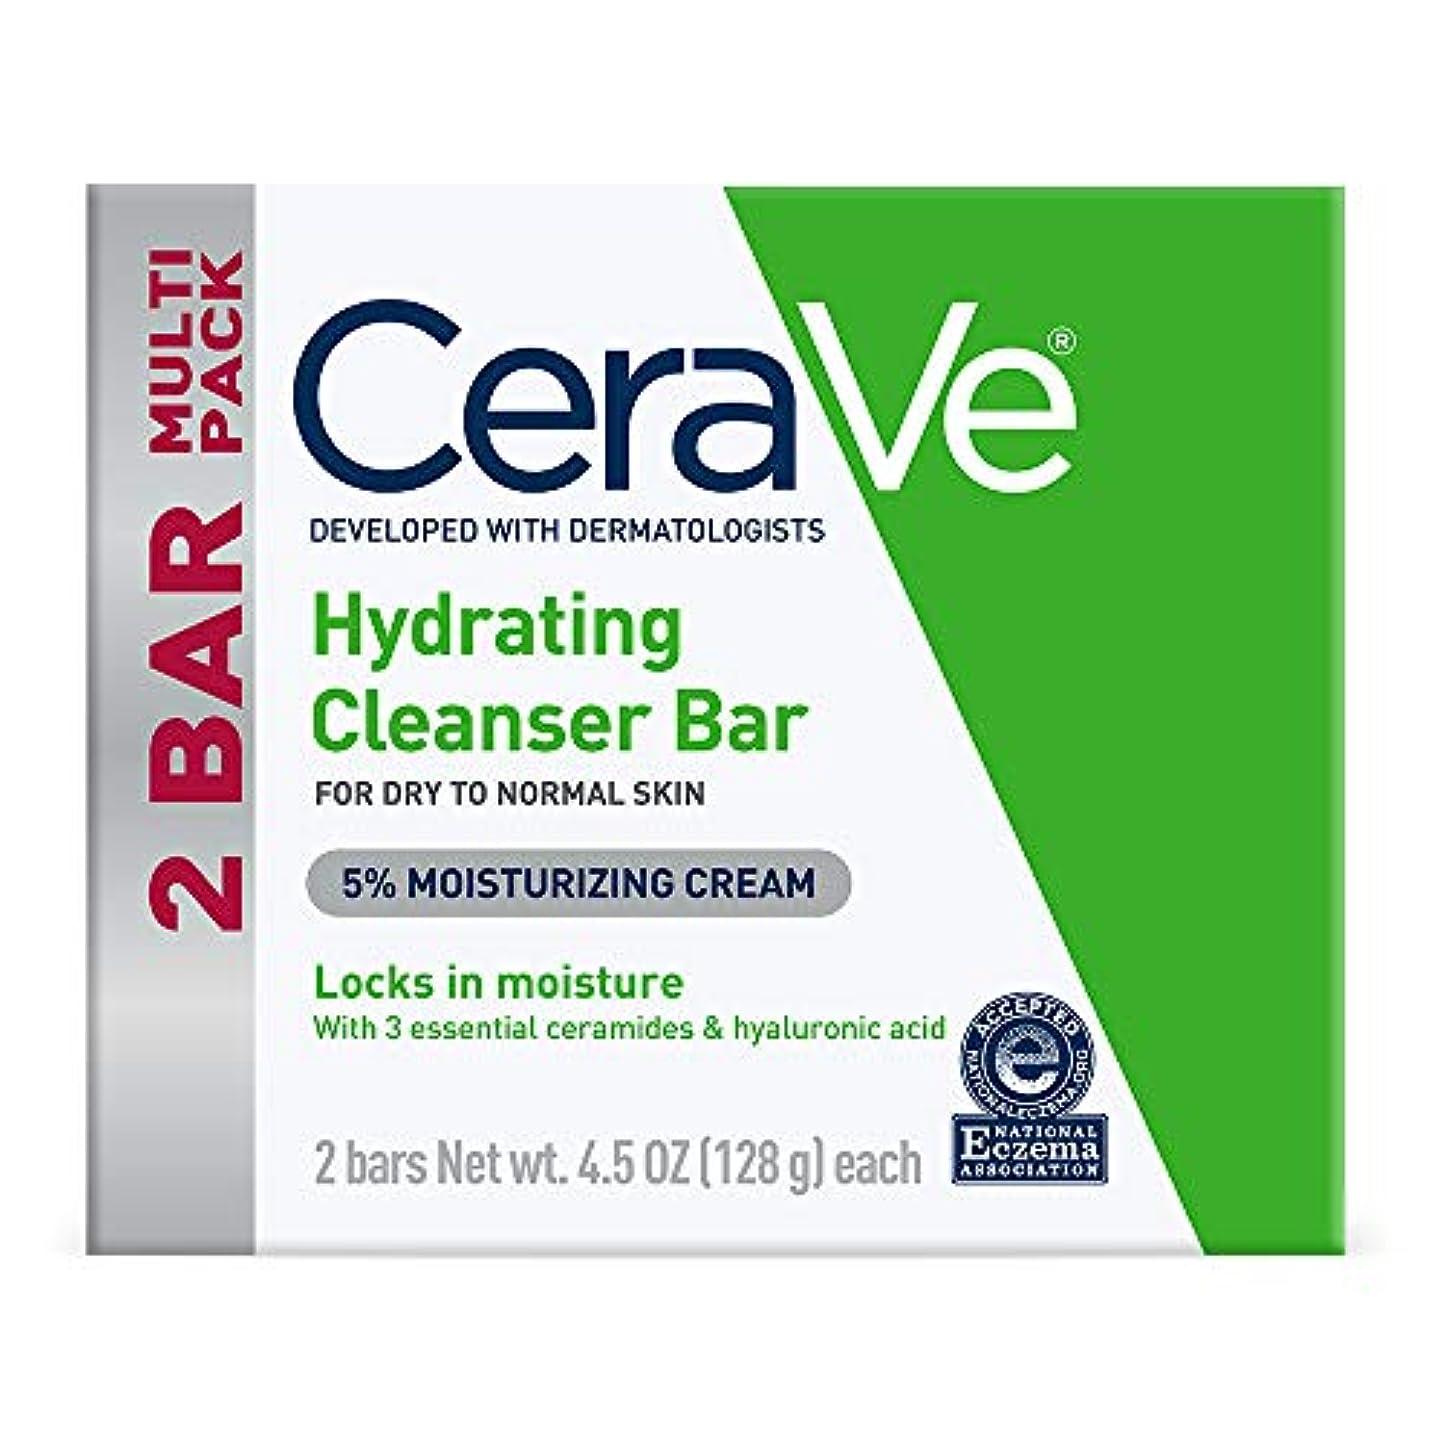 辞任する貫通召集するセラヴィ ハイドレイティングクレンジングバー ノーマル?ドライスキン用 2パック CeraVe Hydrating Cleansing Bar for Normal to Dry Skin - 4.5oz - 2ct